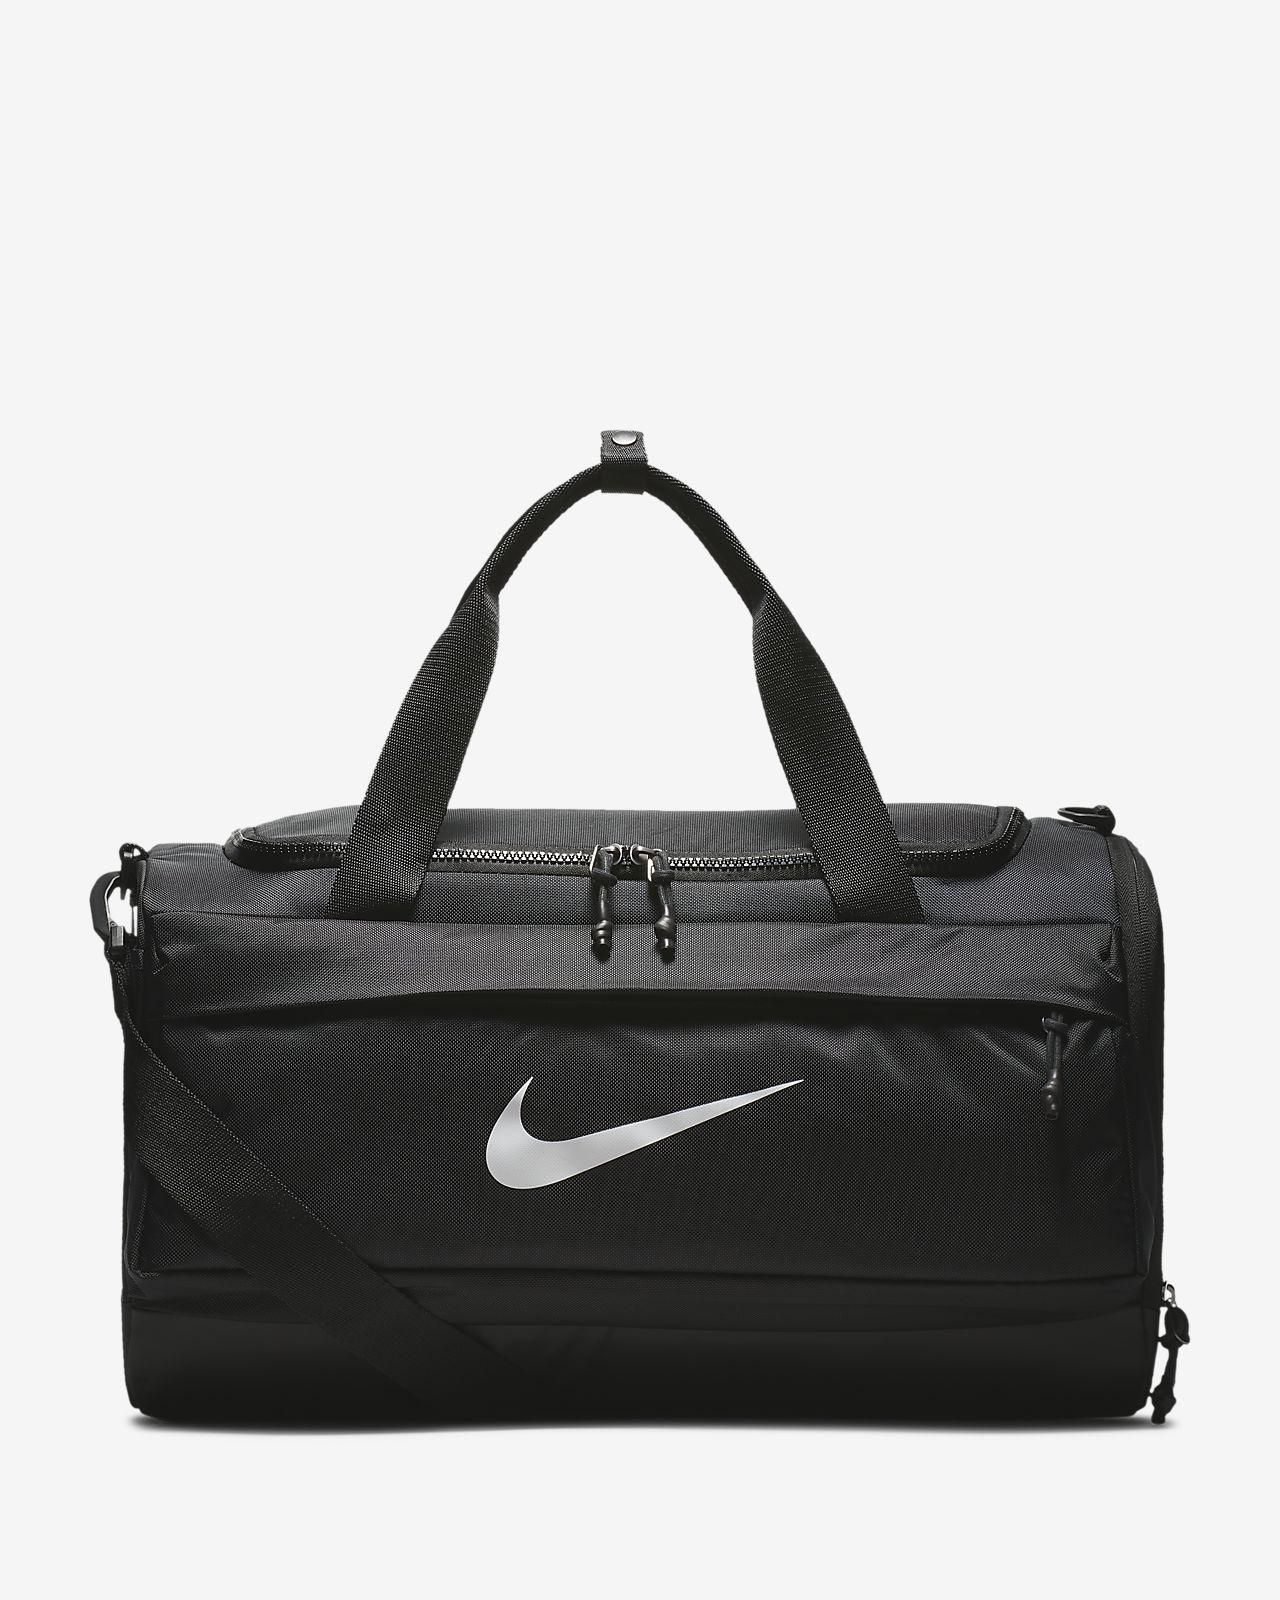 Nike Vapor Sprint Bossa d'esport - Nen/a